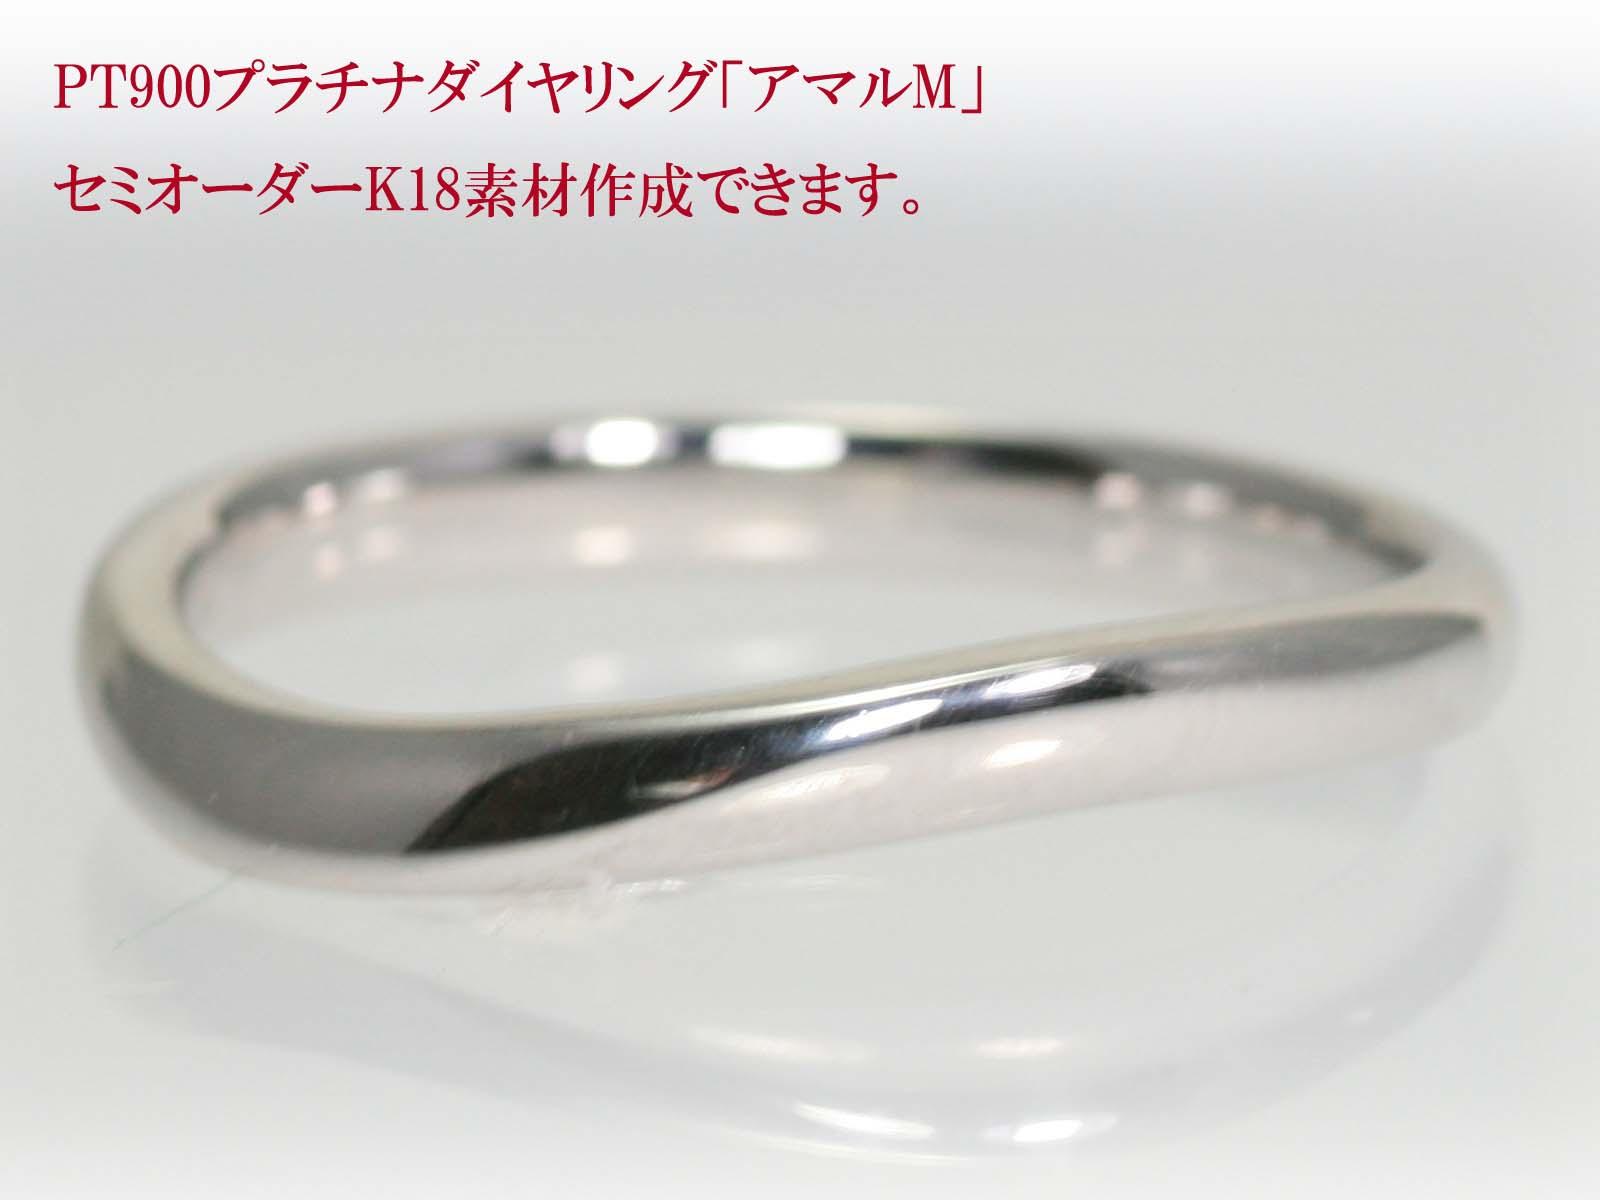 結婚指輪 マリッジリング 【アマル・M】 プラチナ リング 刻印無料 pt900 プラチナリング ペアリング ( 純プラチナ 90%) 手作りリング オーダーリング ハンドメイドリング 【サマーセール】